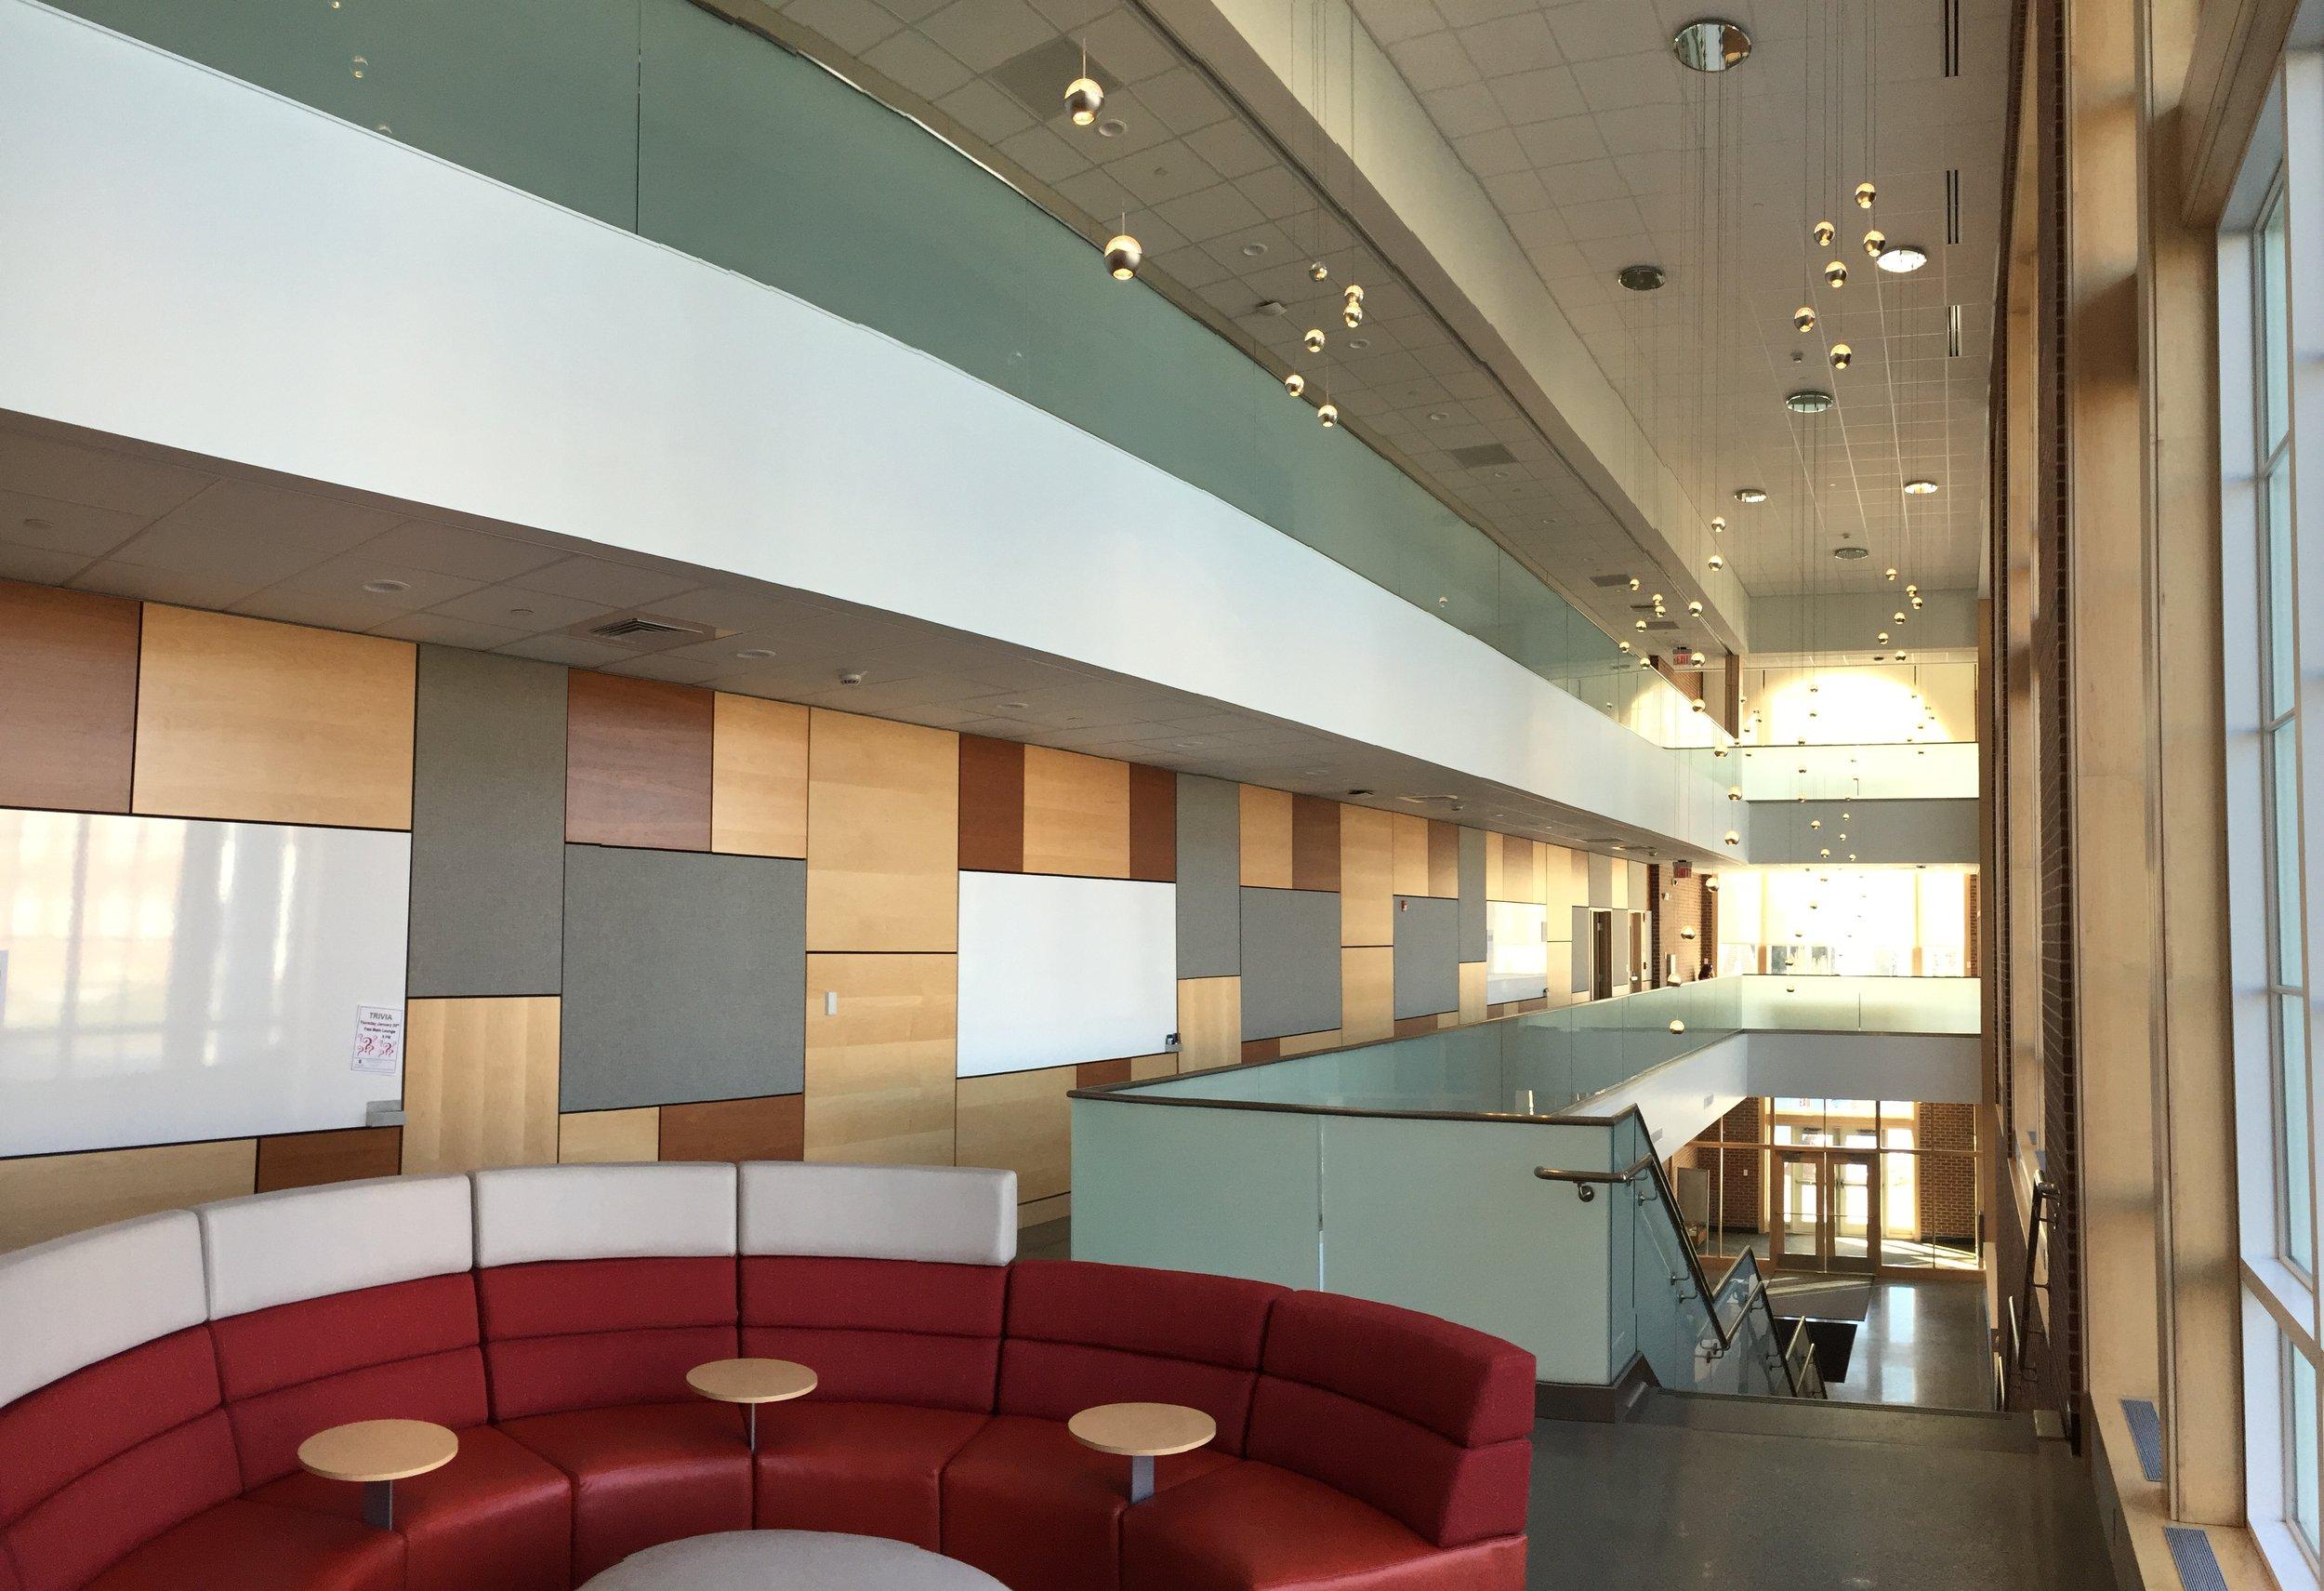 Nichols College Academic Center